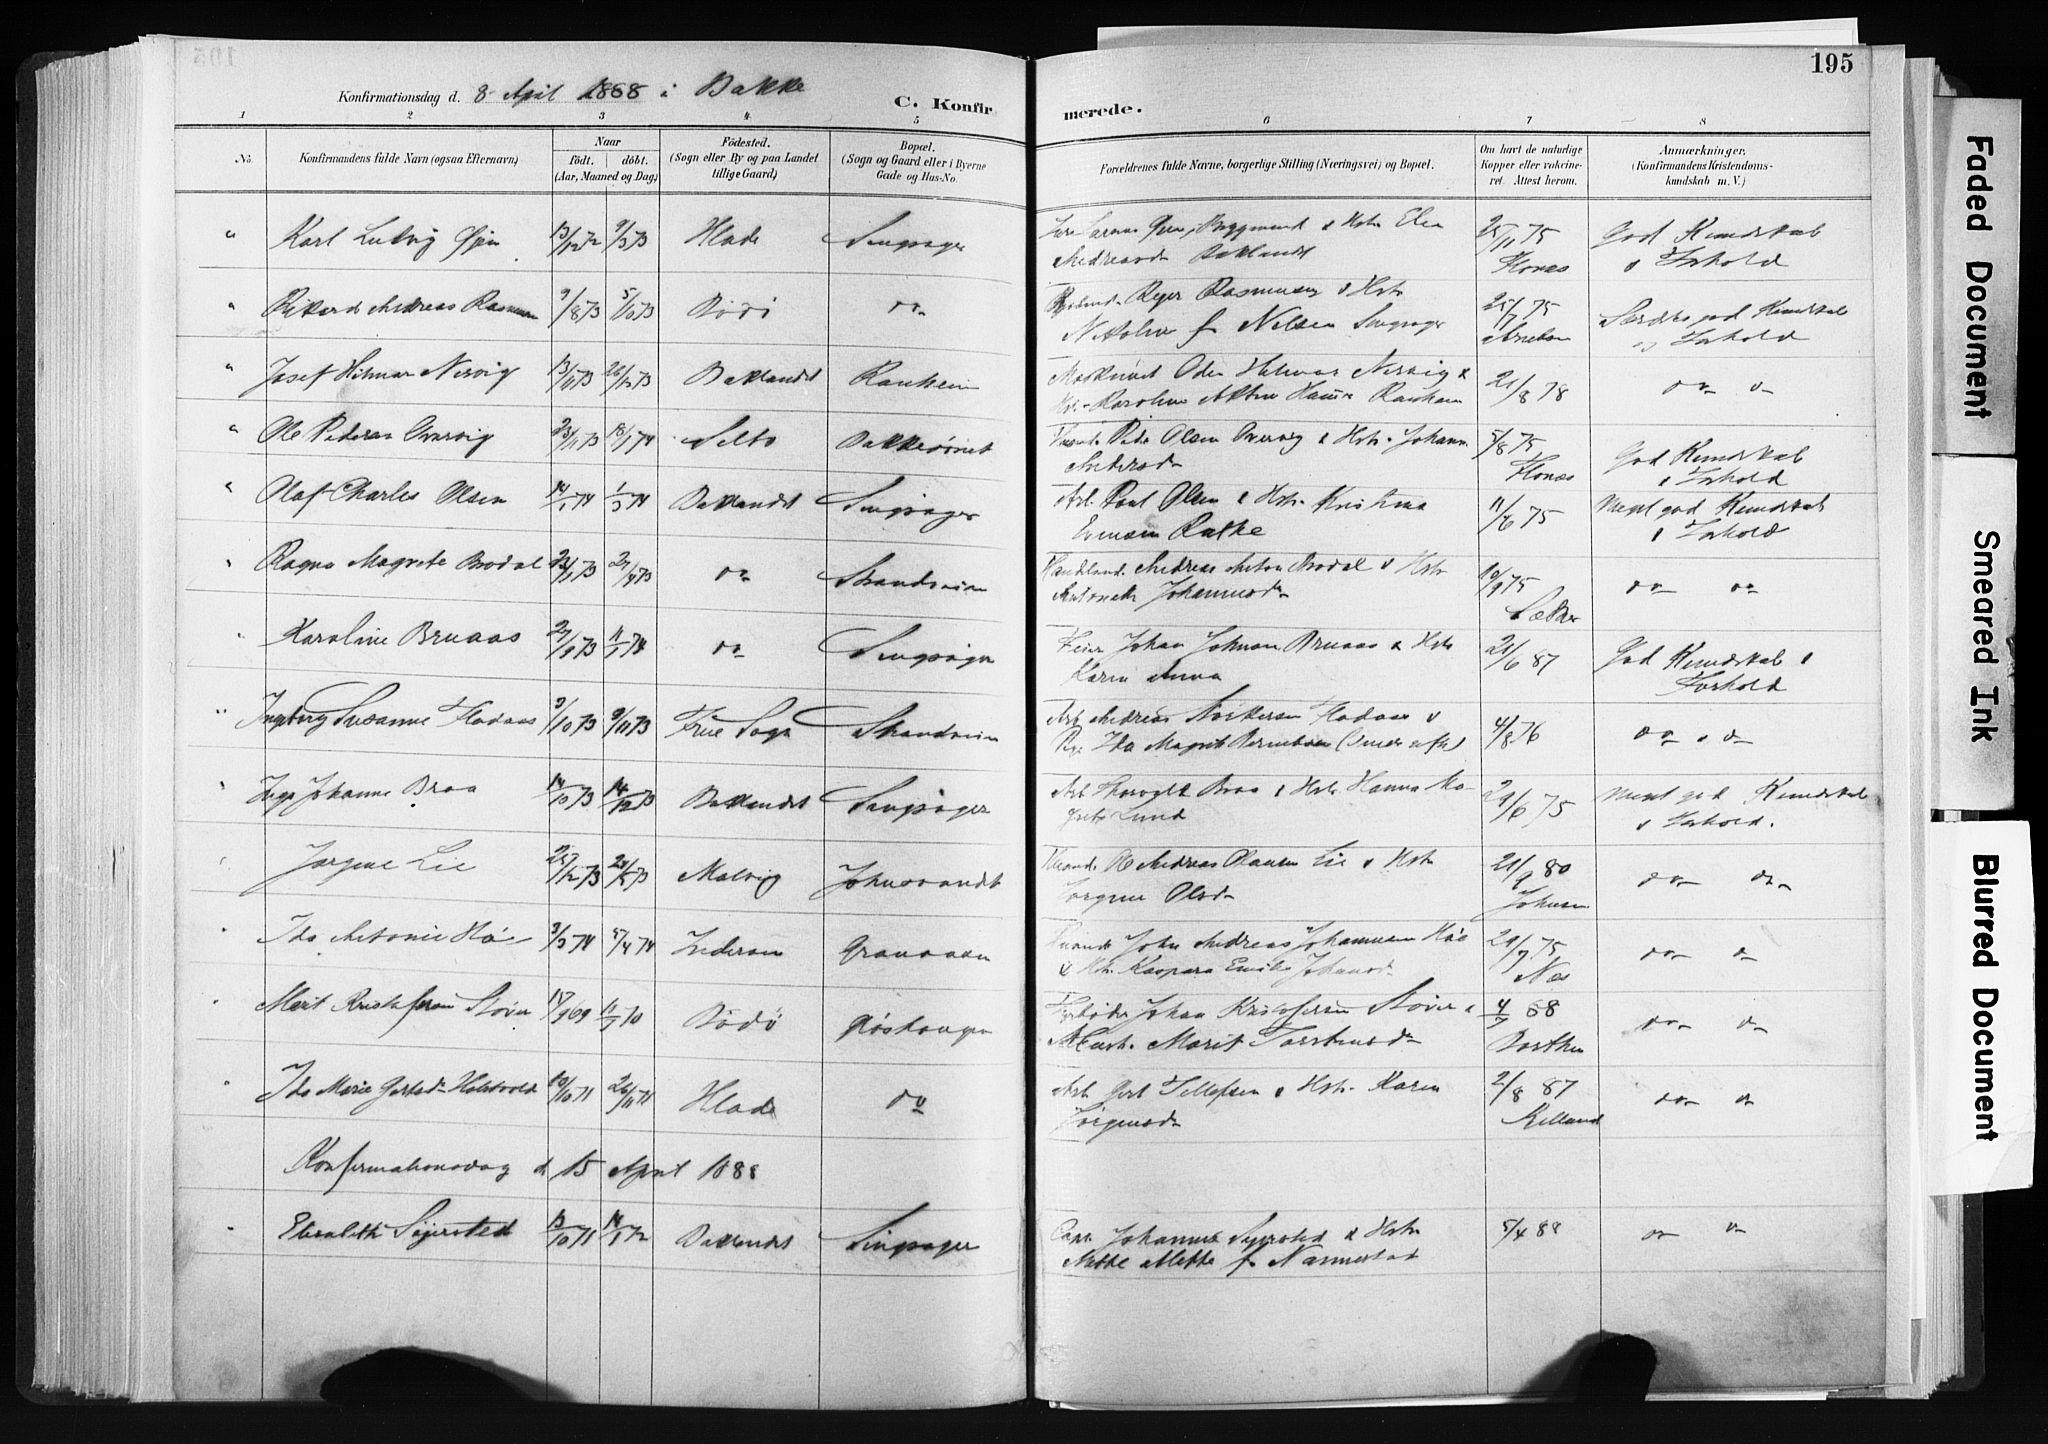 SAT, Ministerialprotokoller, klokkerbøker og fødselsregistre - Sør-Trøndelag, 606/L0300: Ministerialbok nr. 606A15, 1886-1893, s. 195